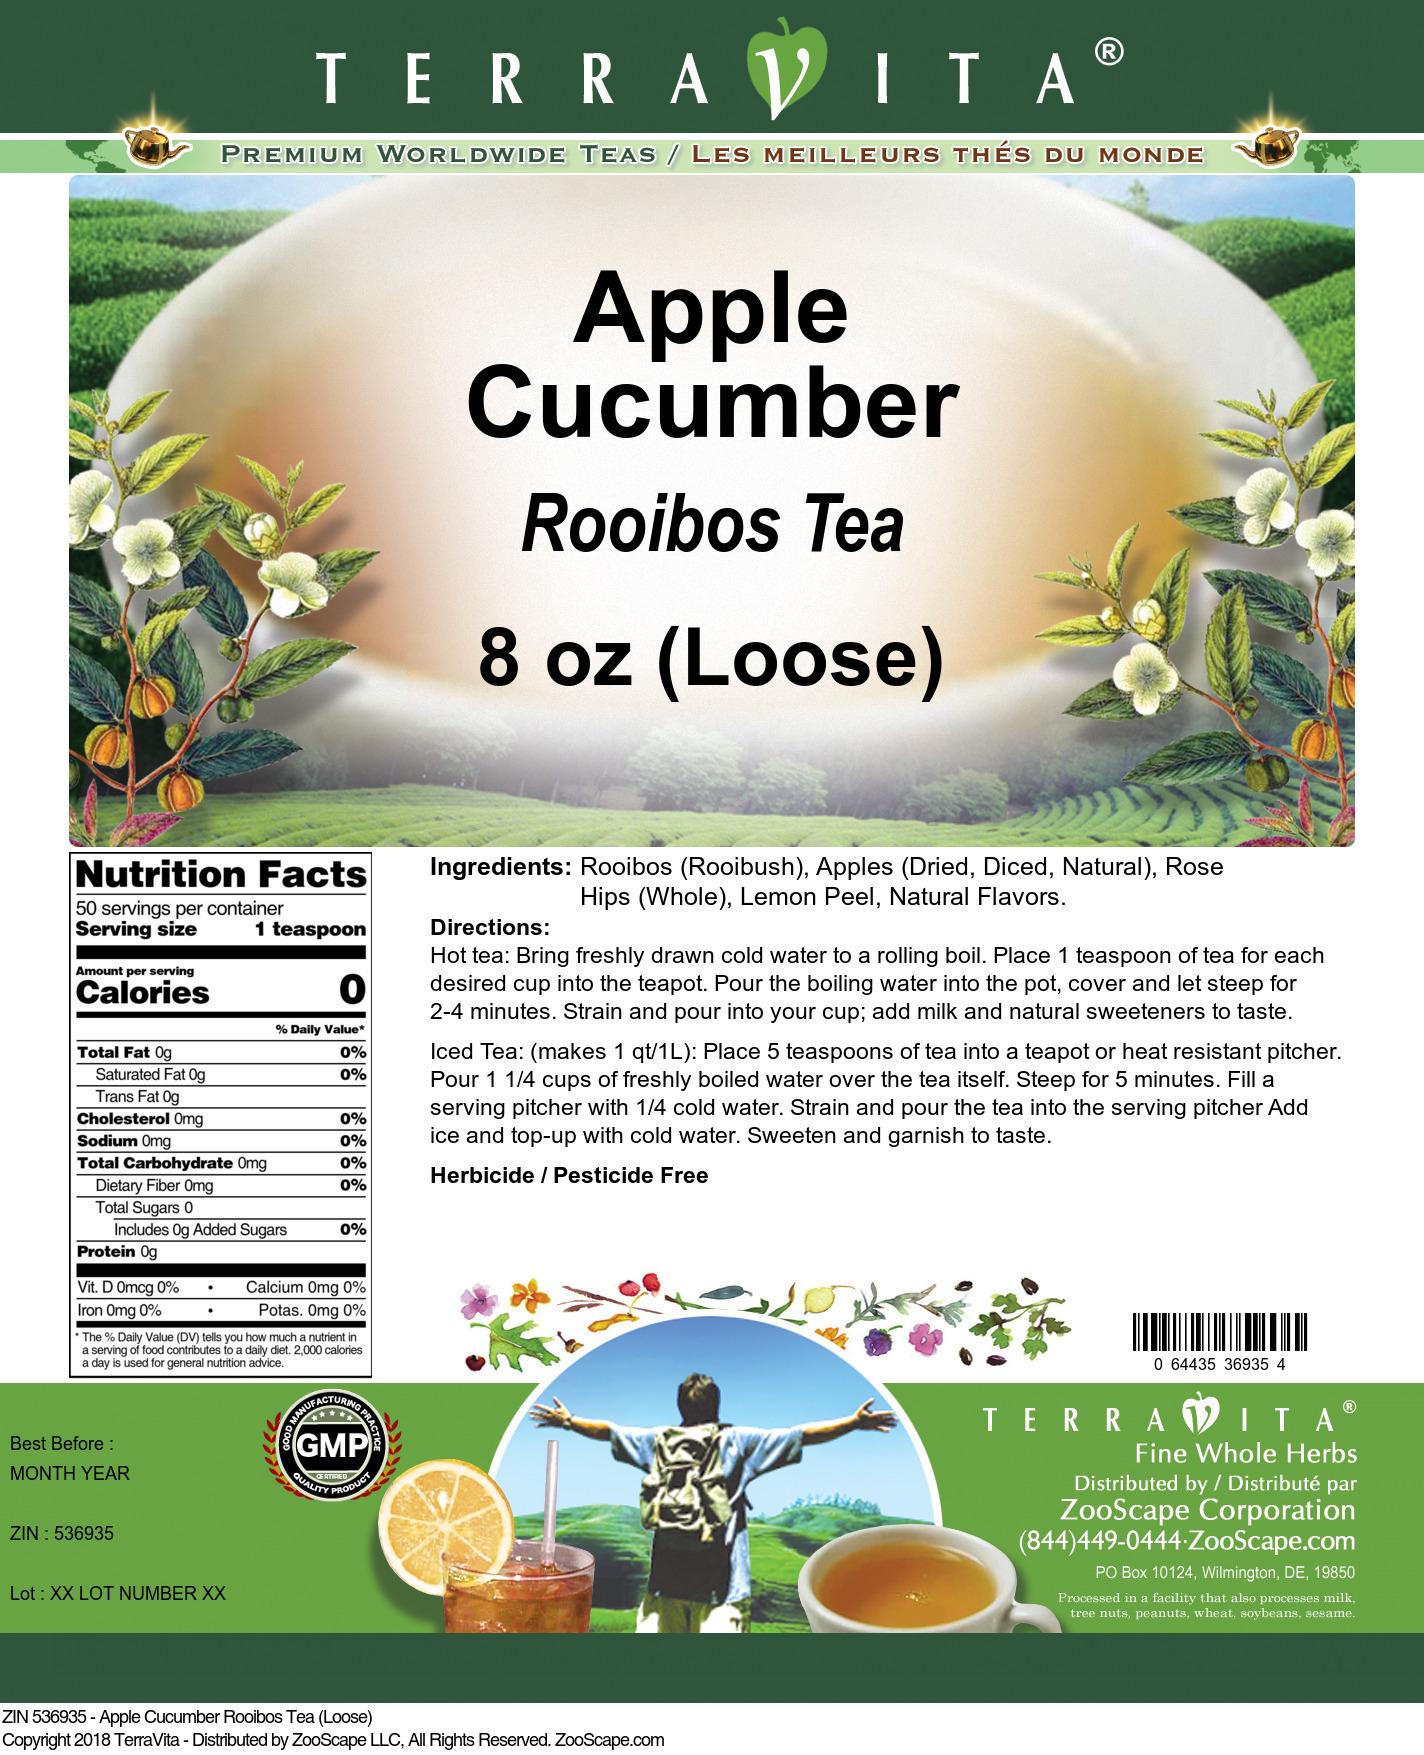 Apple Cucumber Rooibos Tea